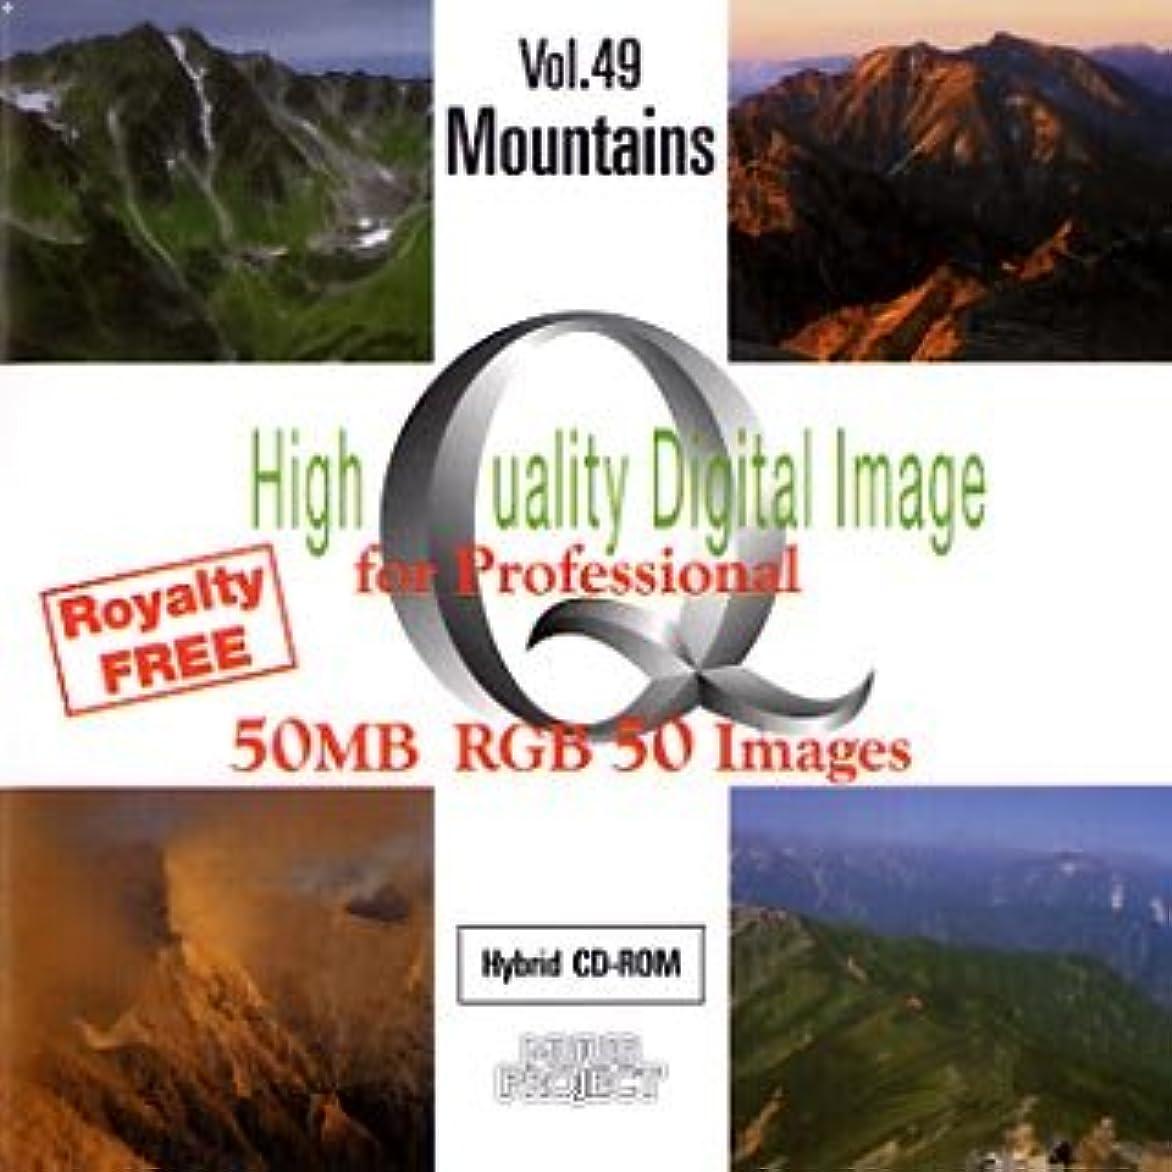 フィットネス会話型刺繍High Quality Digital Image for Professional Vol.49 Mountains